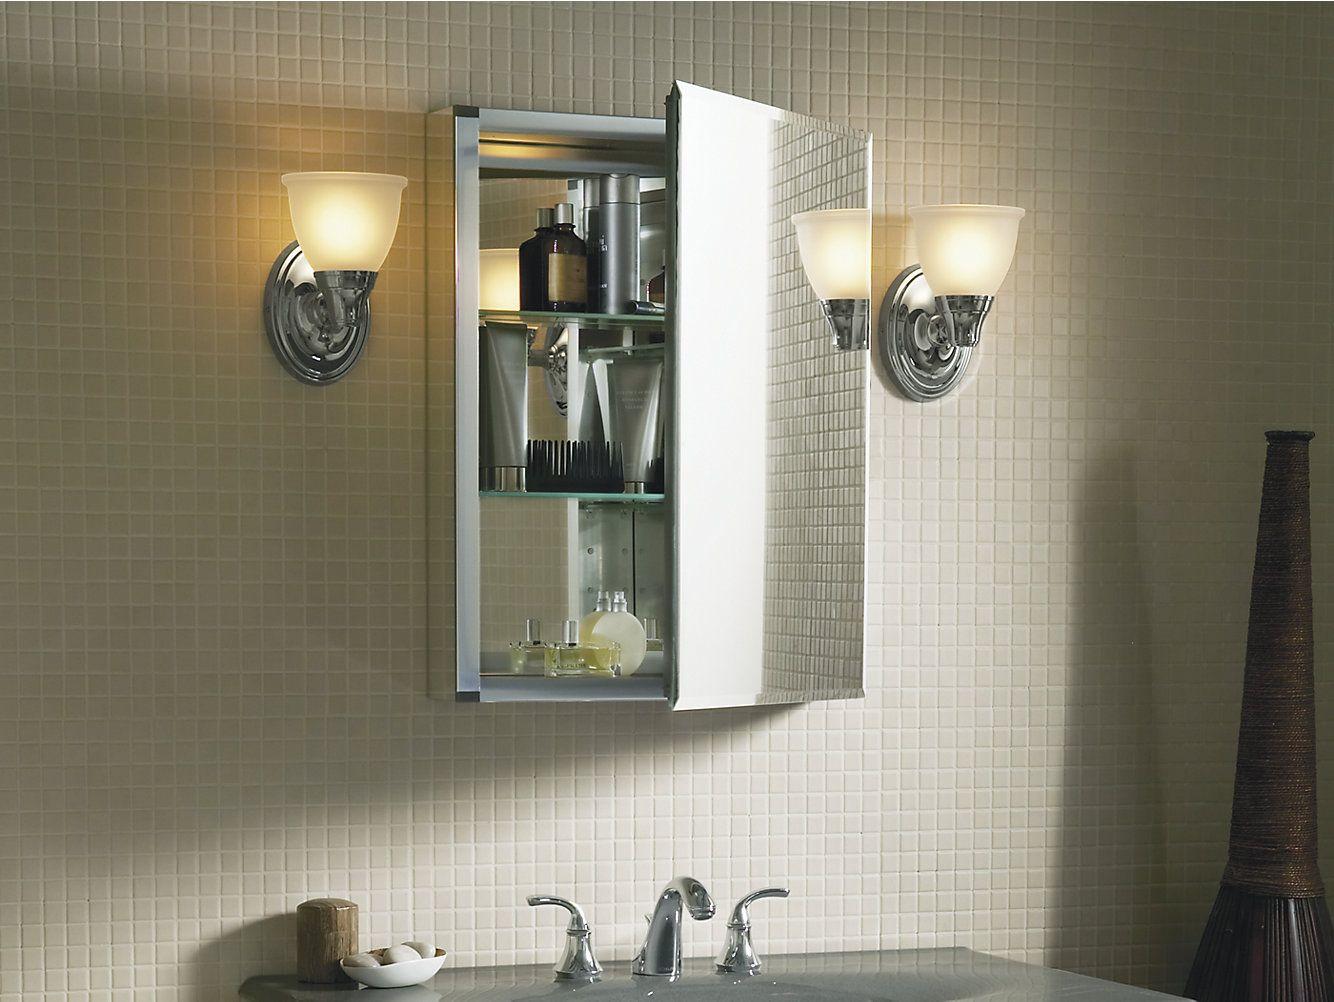 K Cb Clc2026fs 20 Inch Medicine Cabinet With Mirrored Door Kohler In 2021 Adjustable Shelving Single Doors Medicine Cabinet Mirror